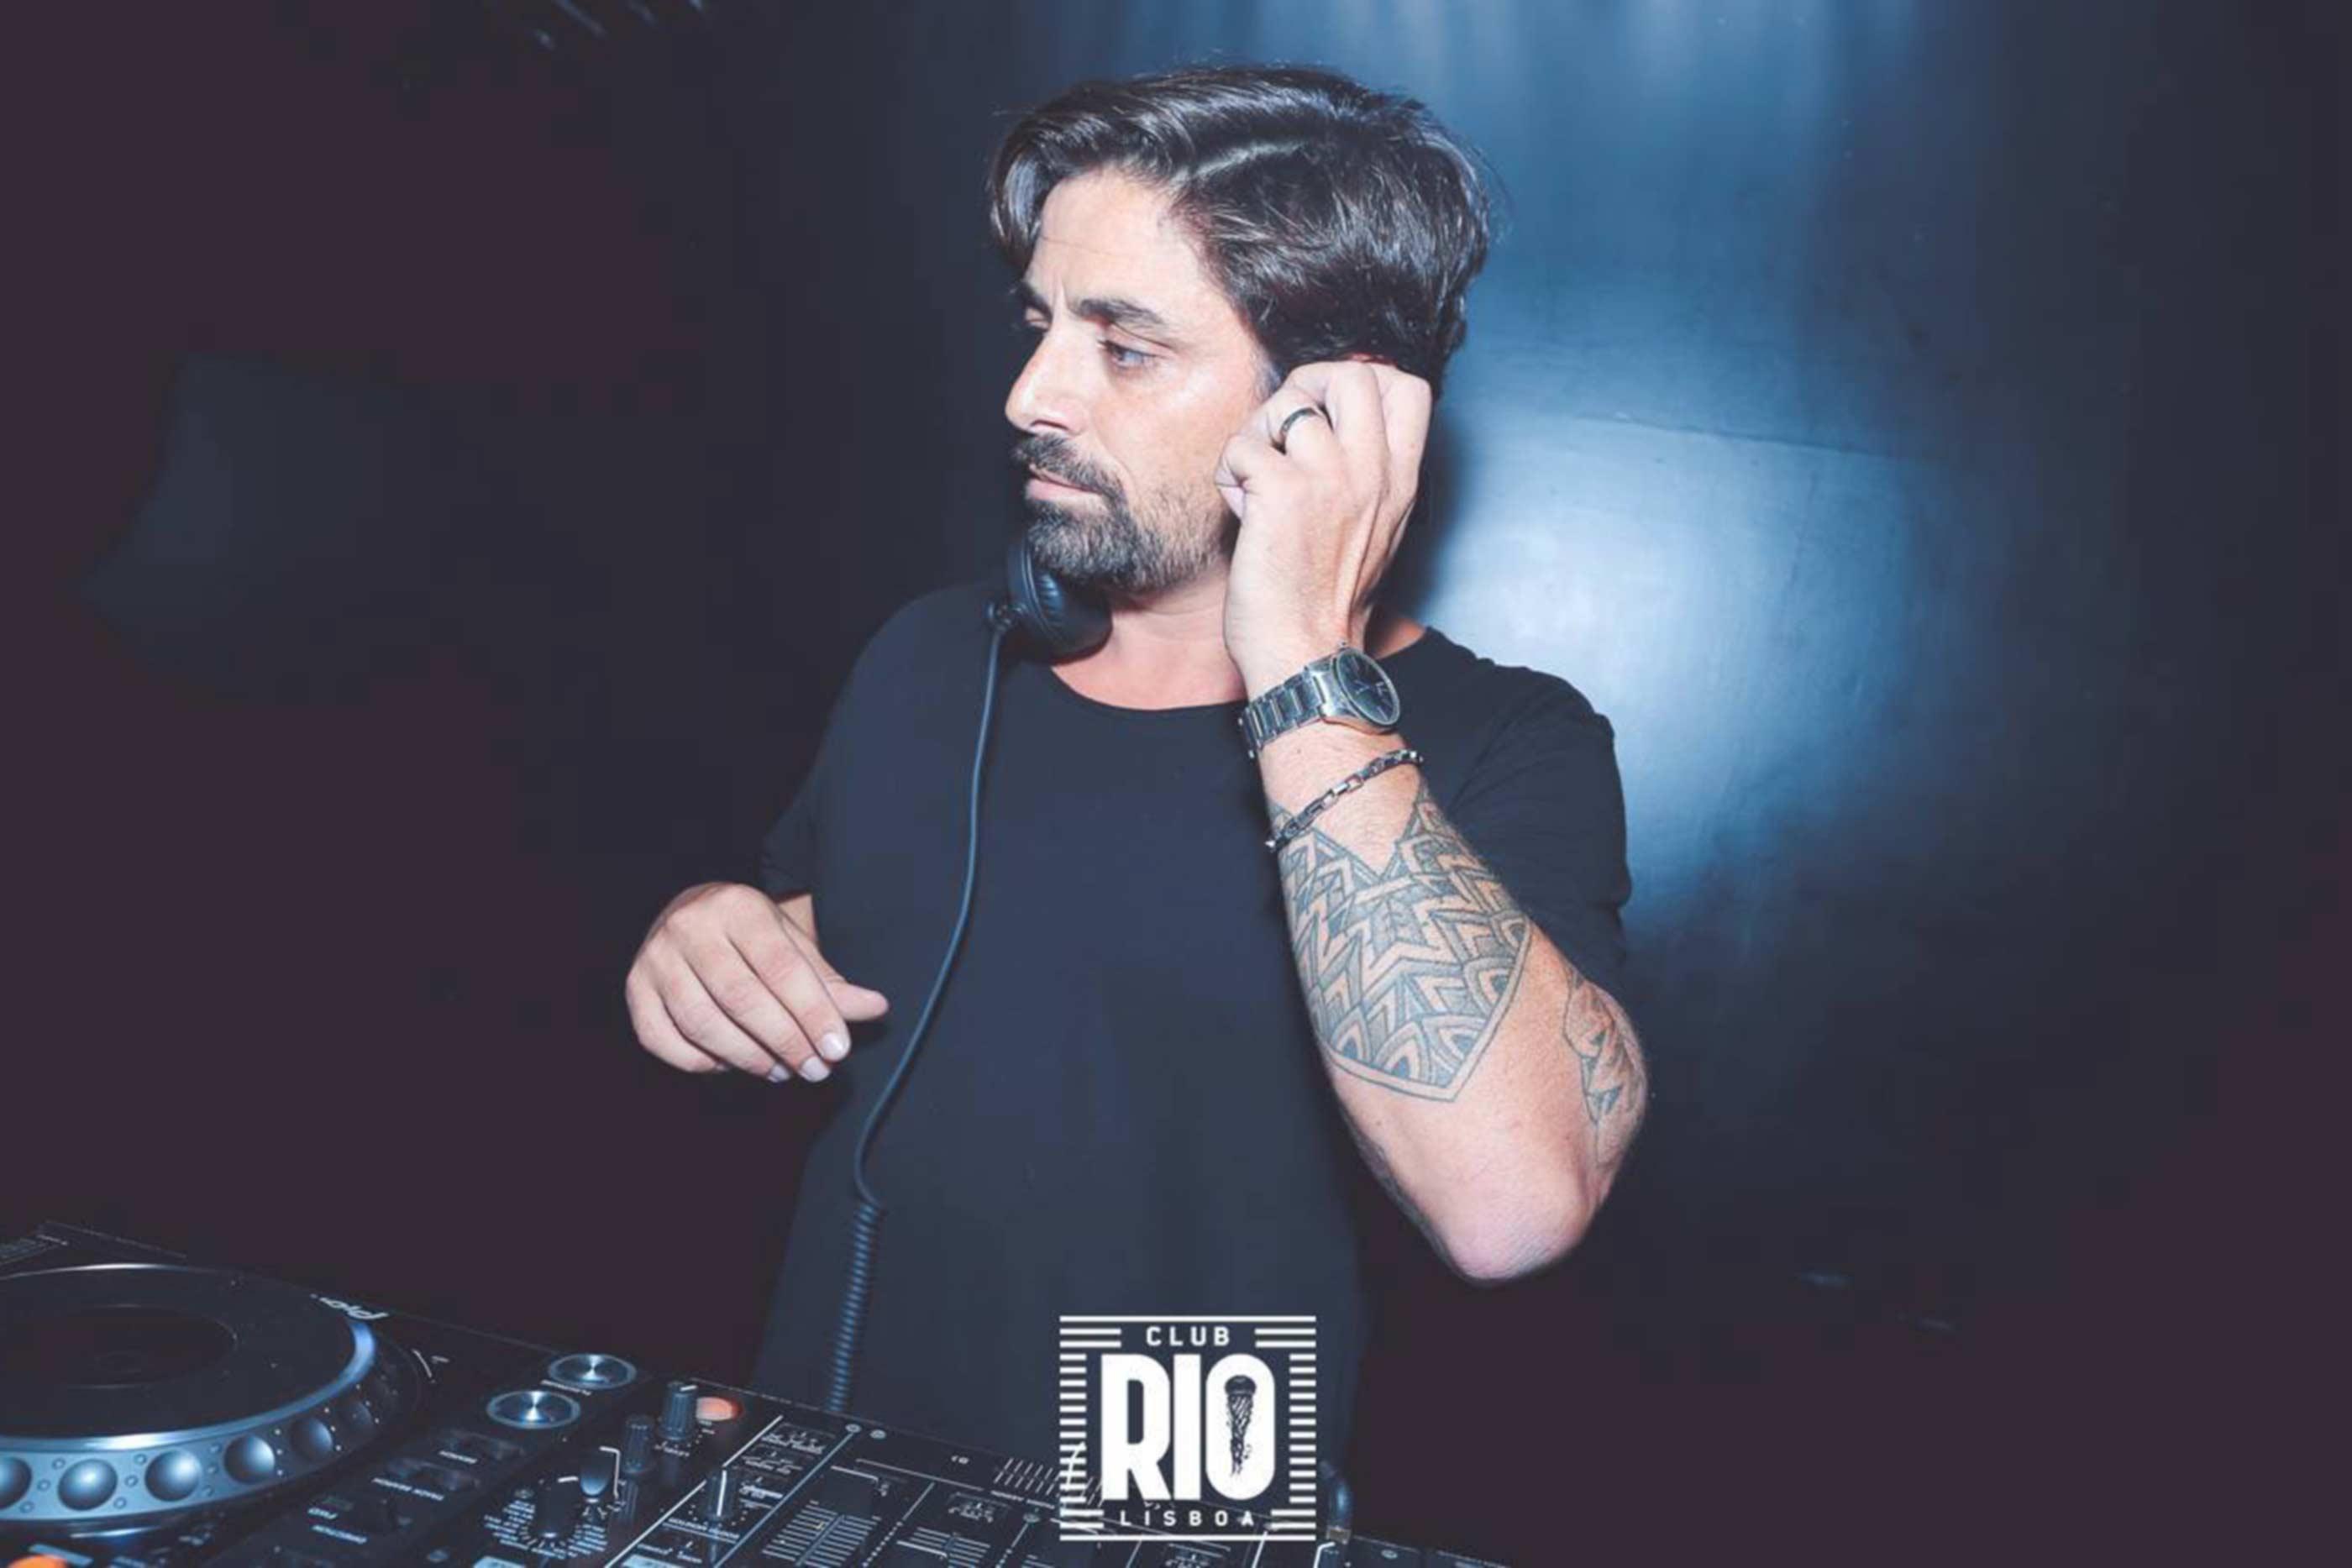 Dj do sexo masculino a pôr música no Club Rio Lisboa.